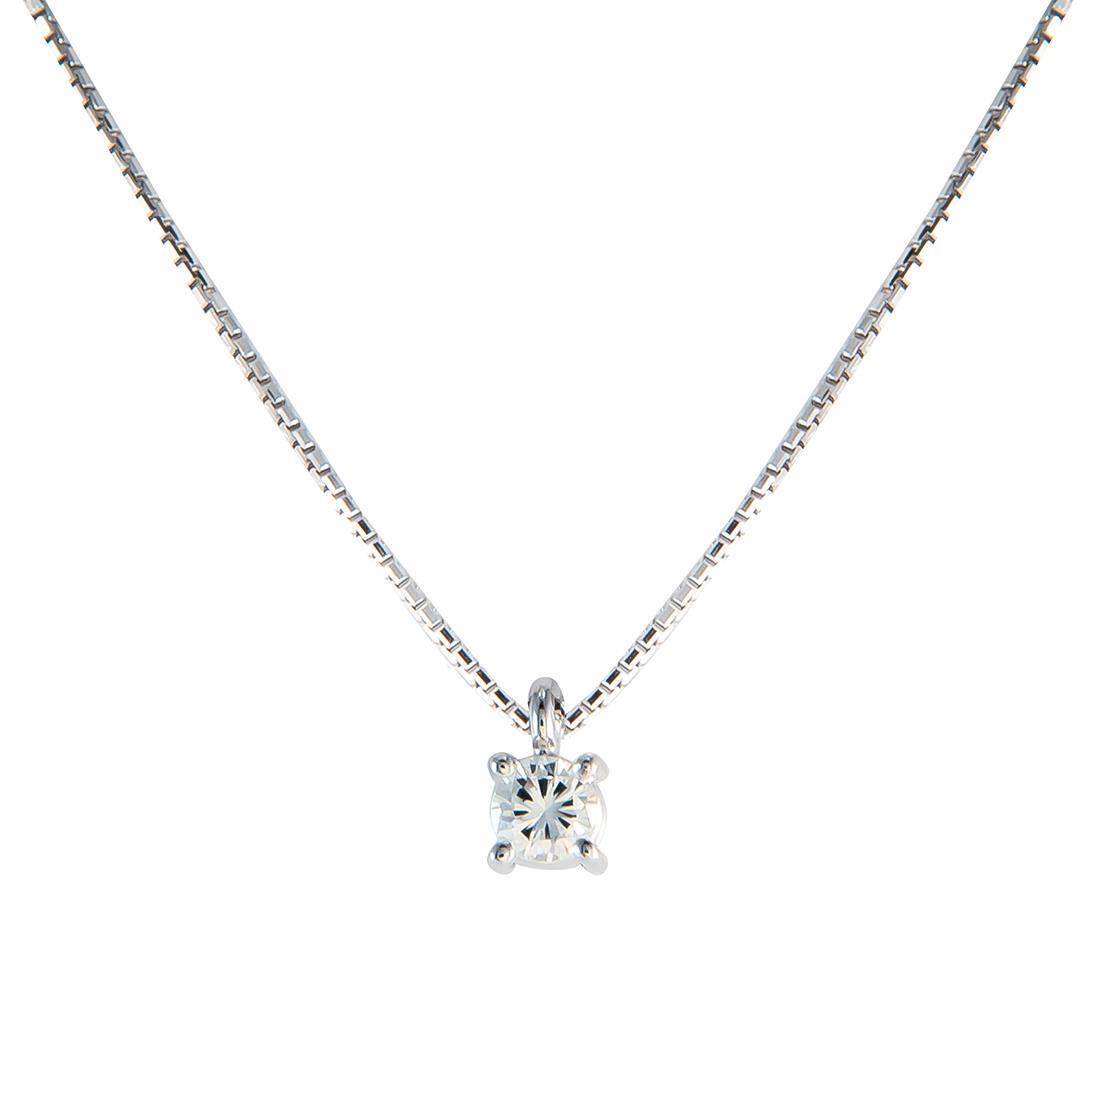 Collier Oro&Co in oro bianco punto luce con diamante CT 0,50 colore G purezza VVS2, lunghezza 42 cm - ORO&CO